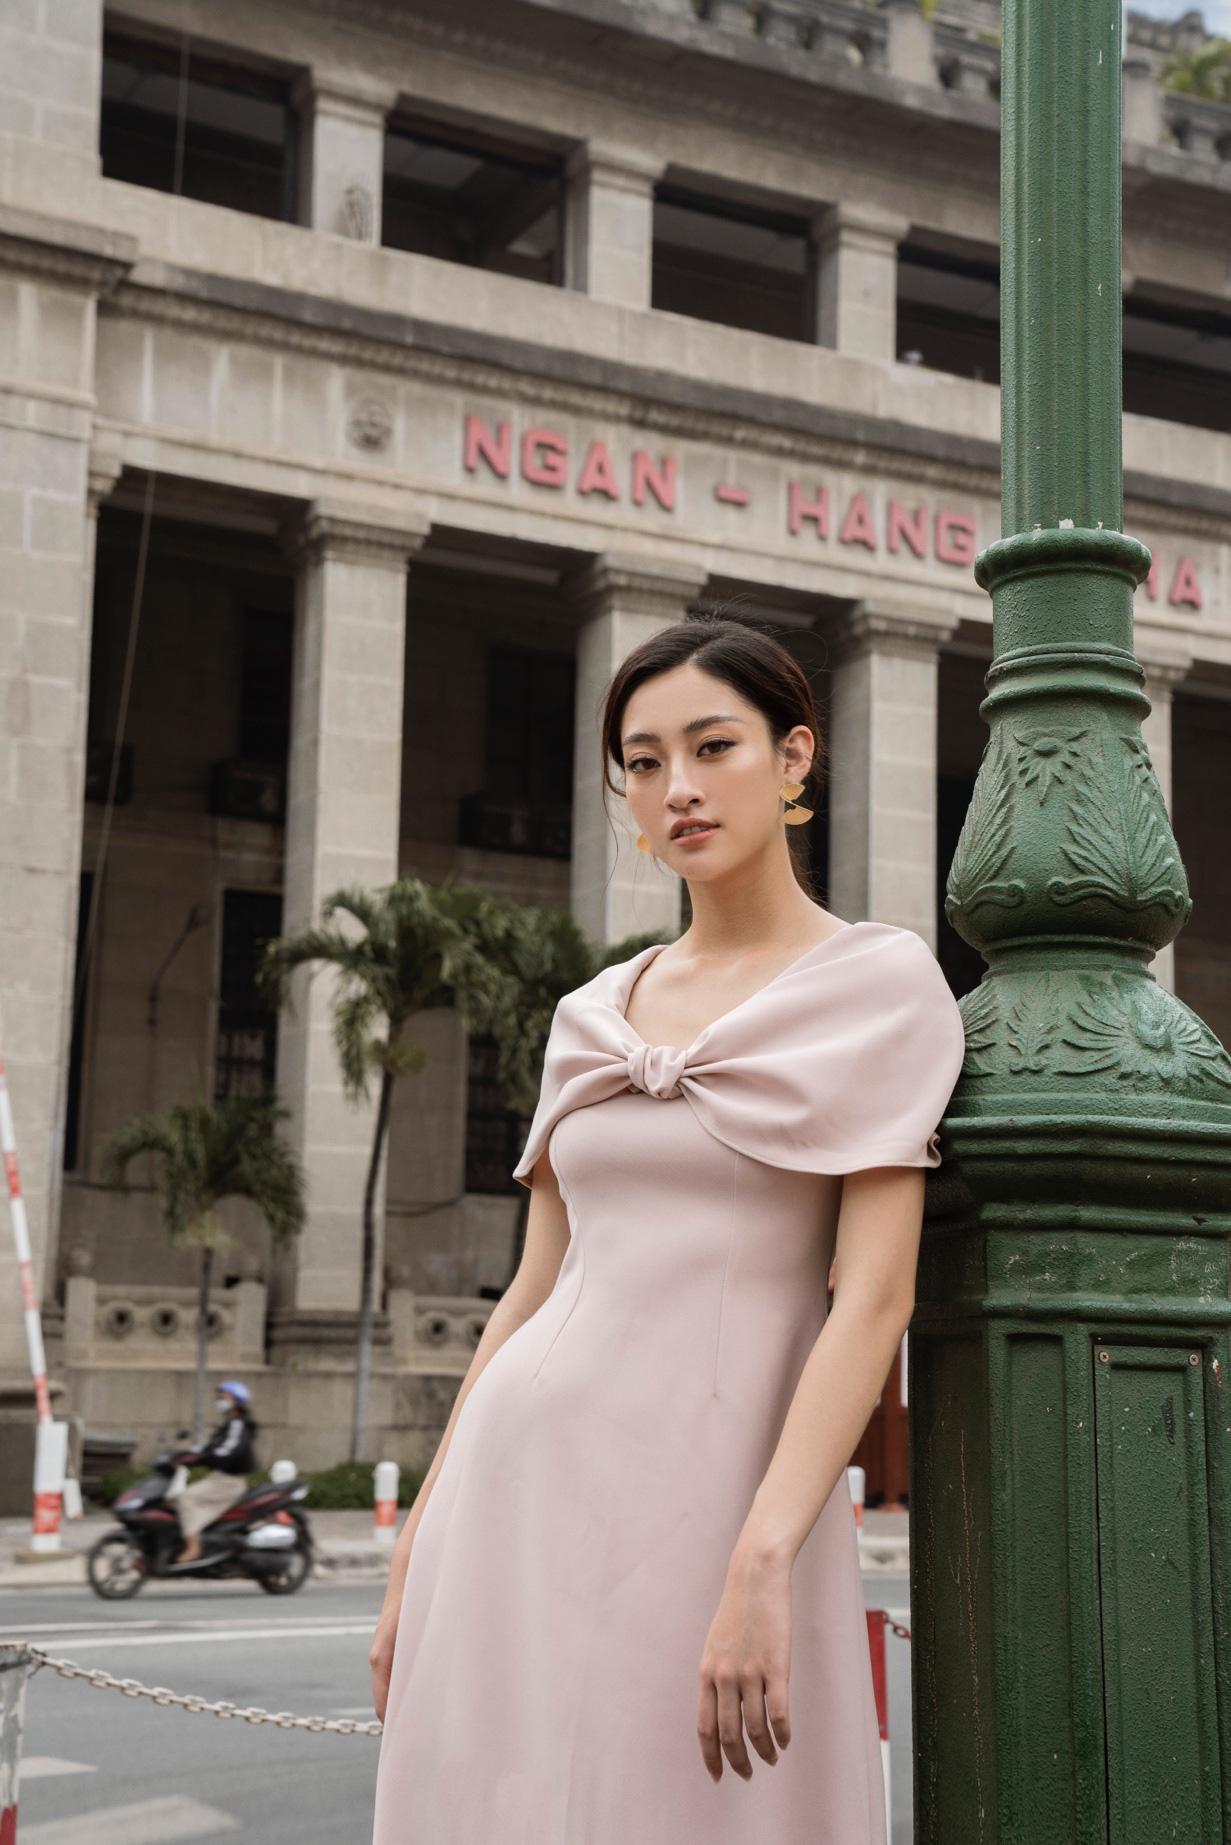 Tỏa sáng tiệc cuối năm, hội chị em nên học ngay bí kíp dress up của Hoa hậu Lương Thùy Linh - Ảnh 6.